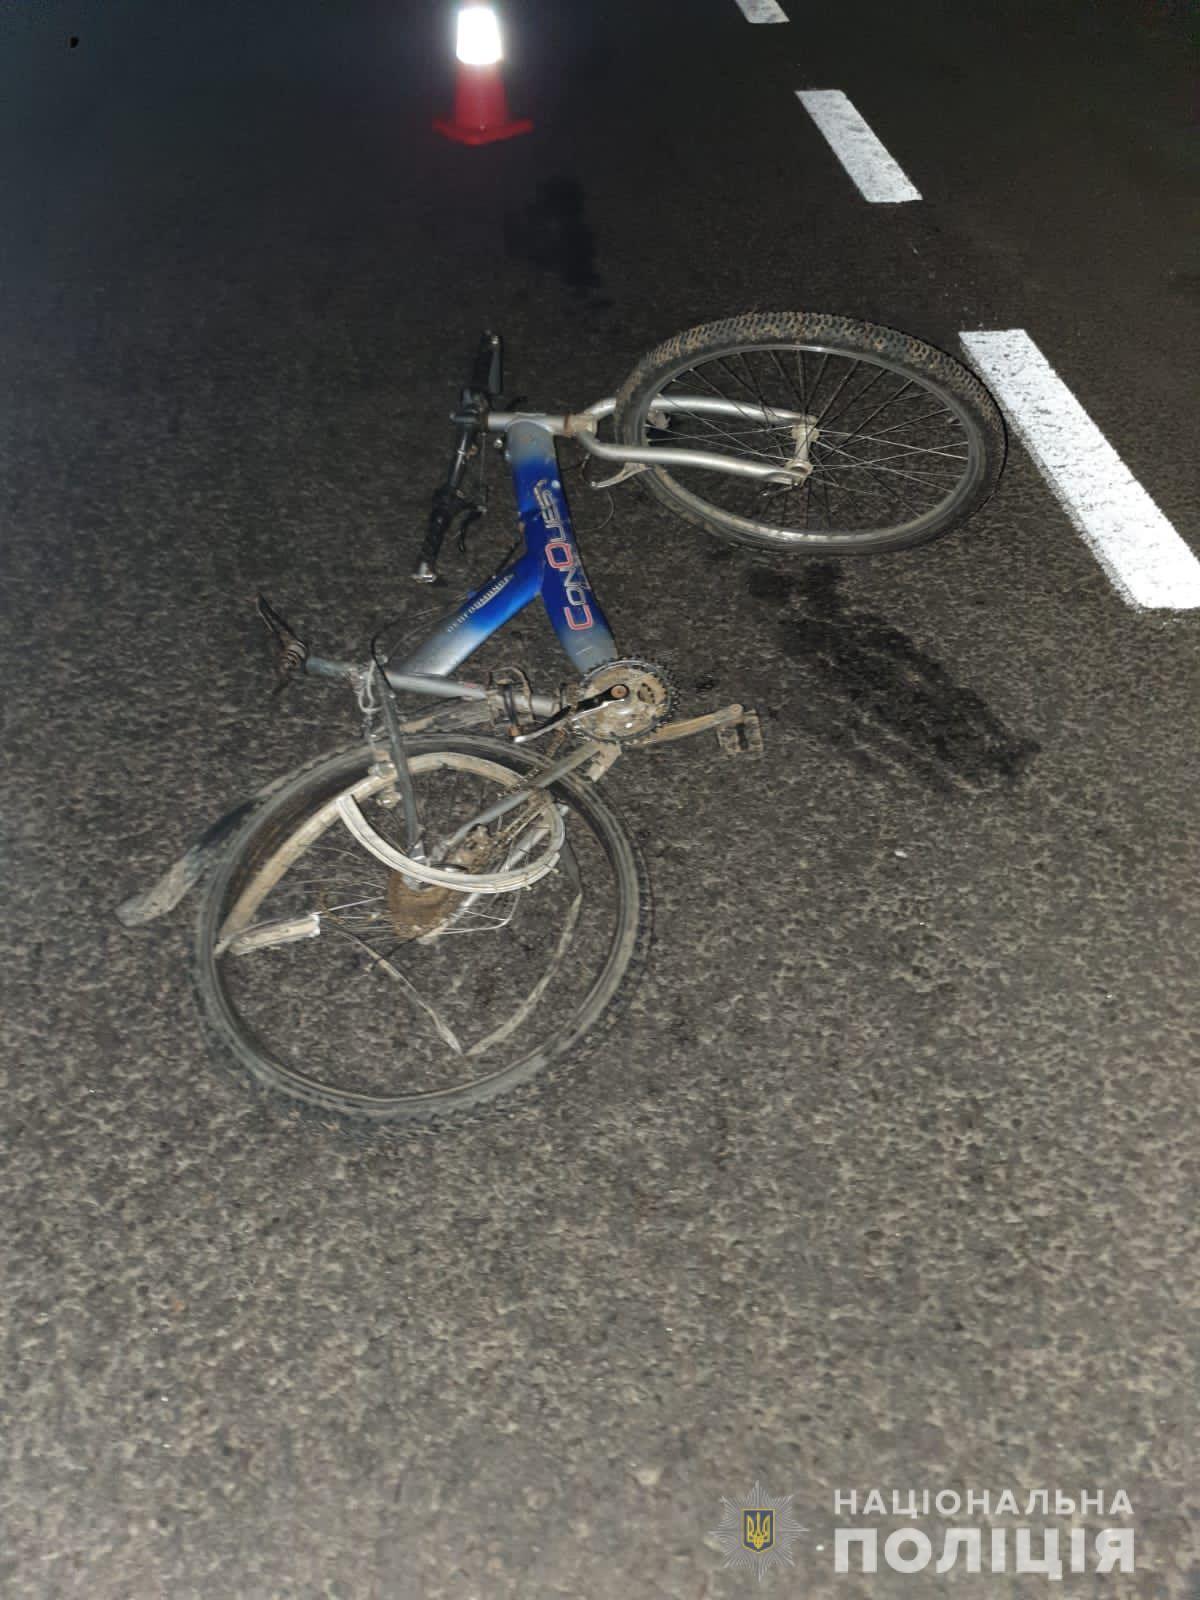 Водитель совершил наезд на велосипедиста между населенными пунктами Заречье и Ольховка .